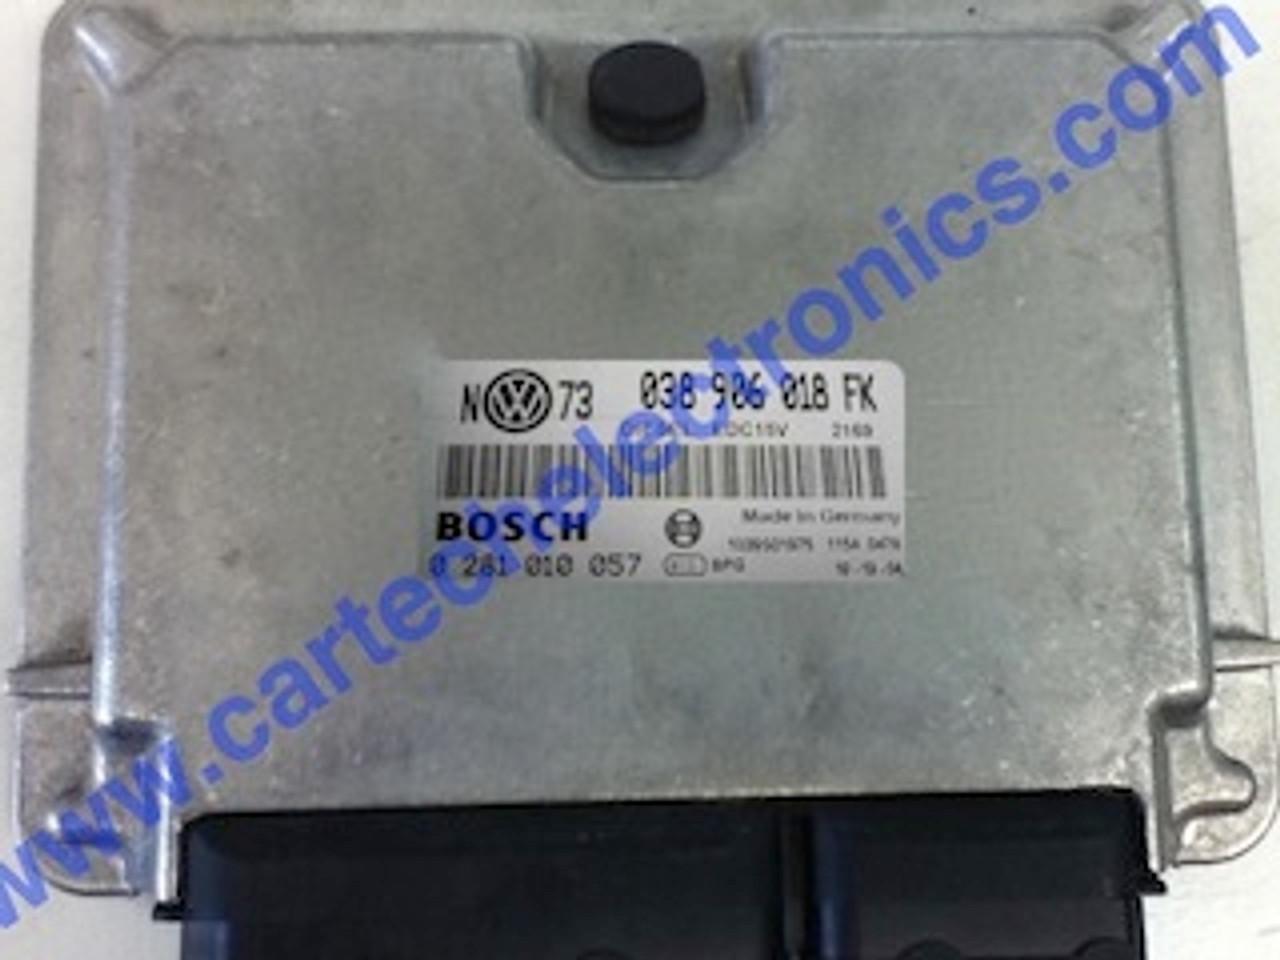 Plug & Play Bosch Engine ECU, VW Caddy, Seat Inca 1.9 TDI, 0281010057, 0 281 010 057, 038906018FK, 038 906 018 FK